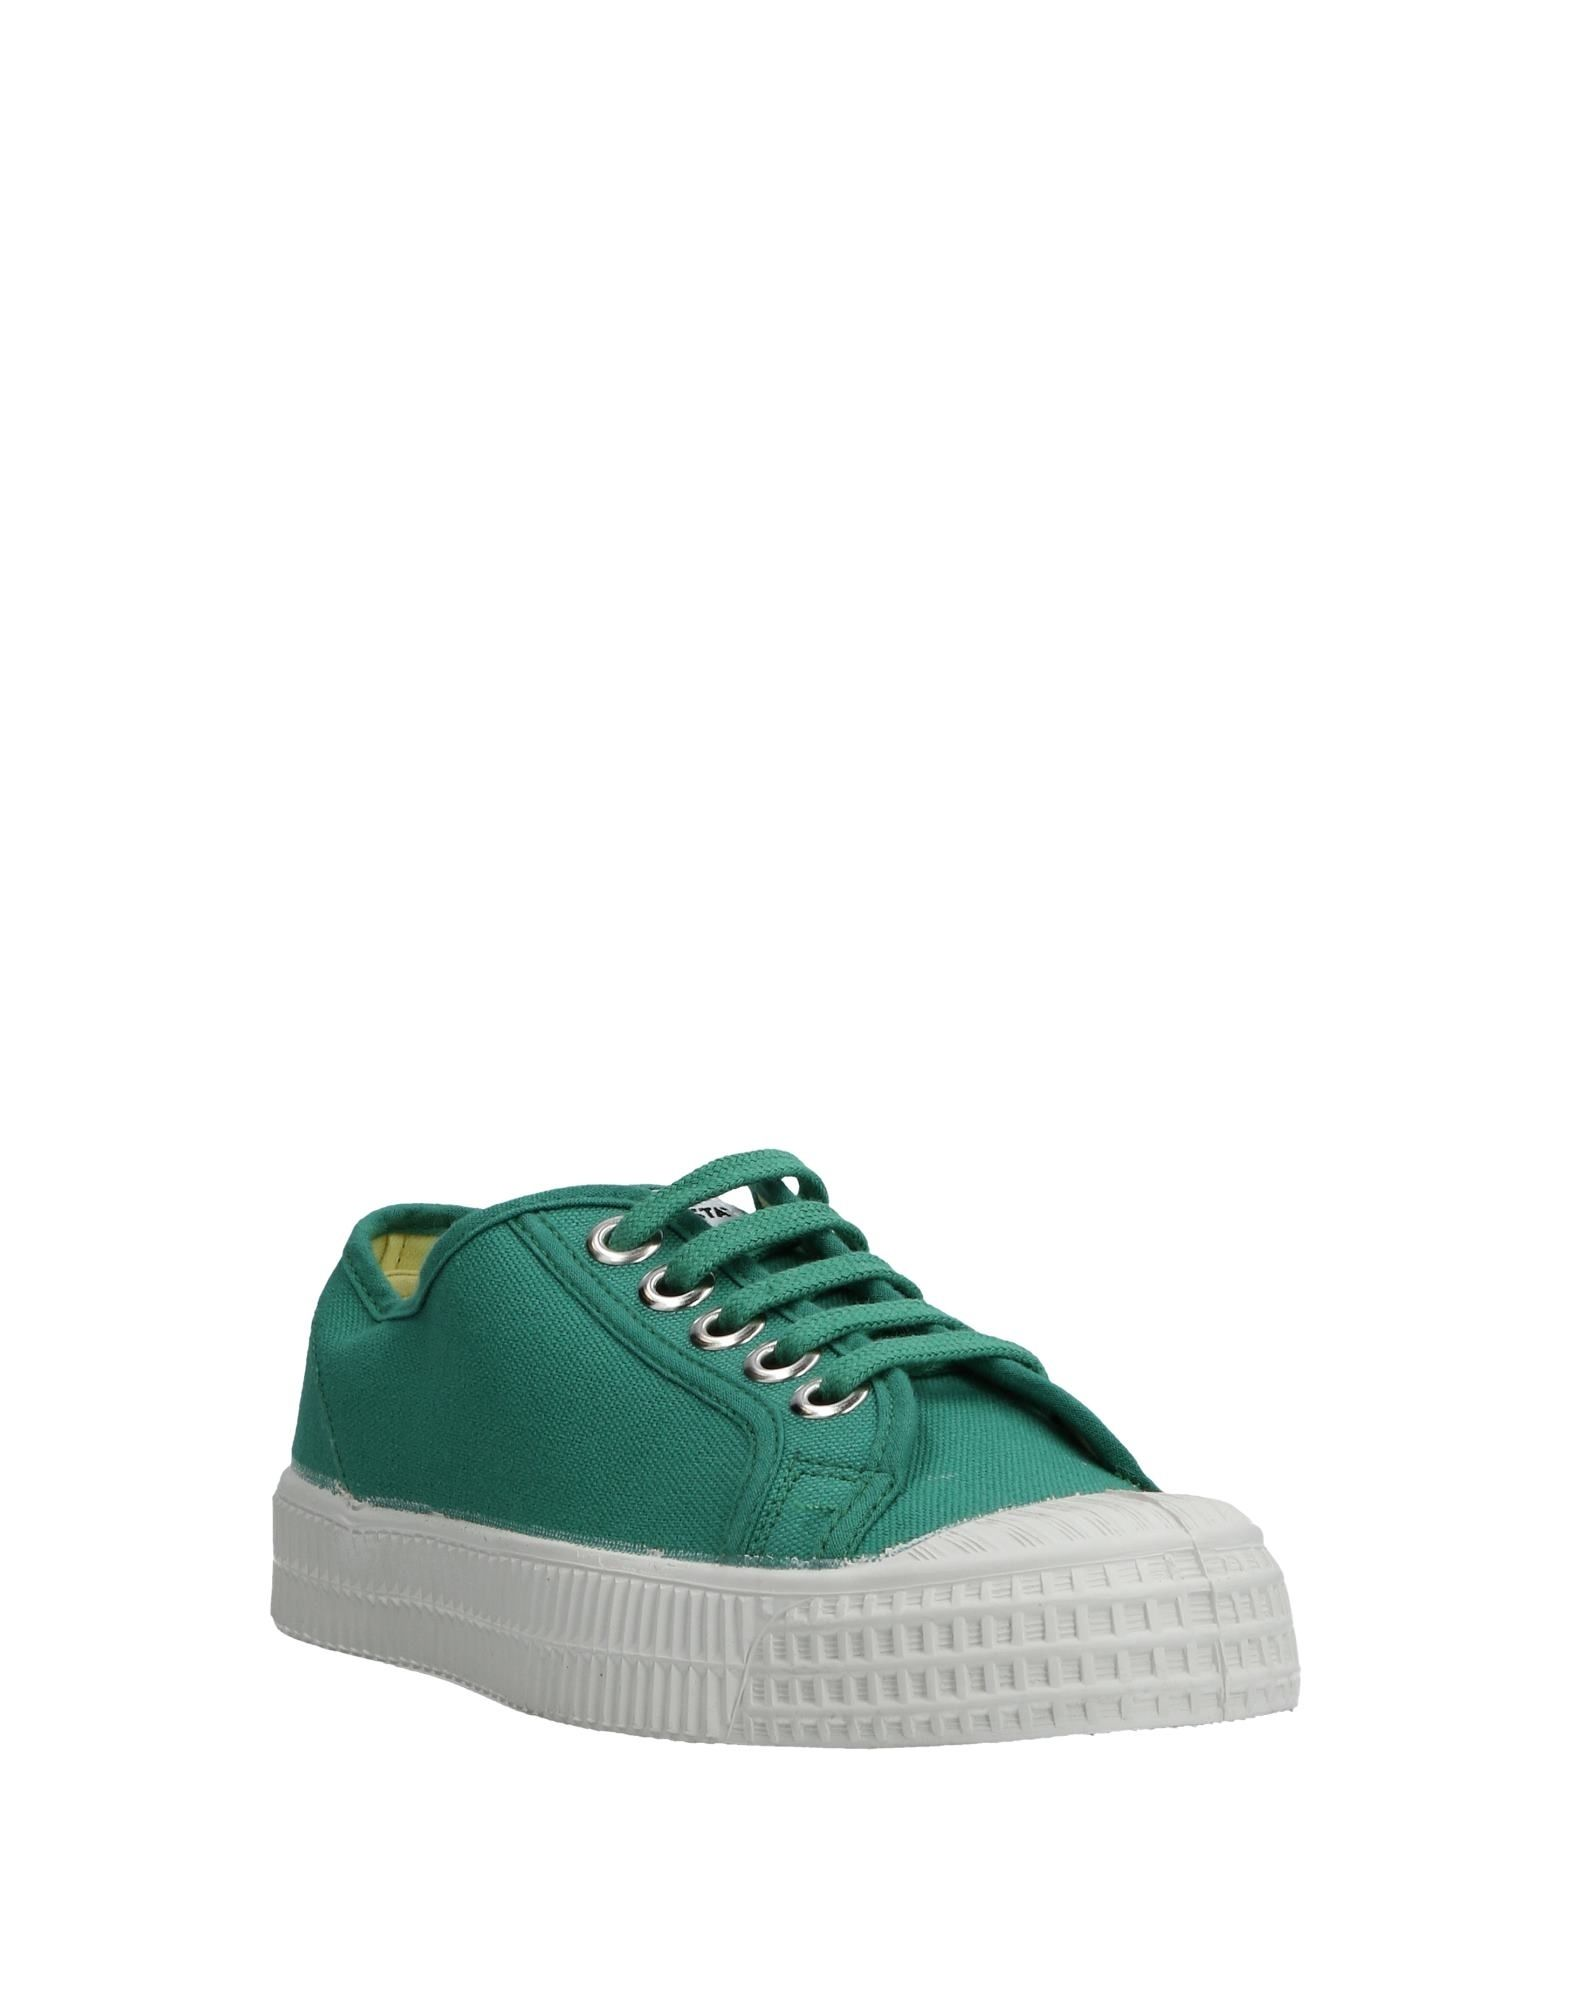 Moda Sneakers Novesta Donna Donna Novesta - 11527273PL ee4e5a